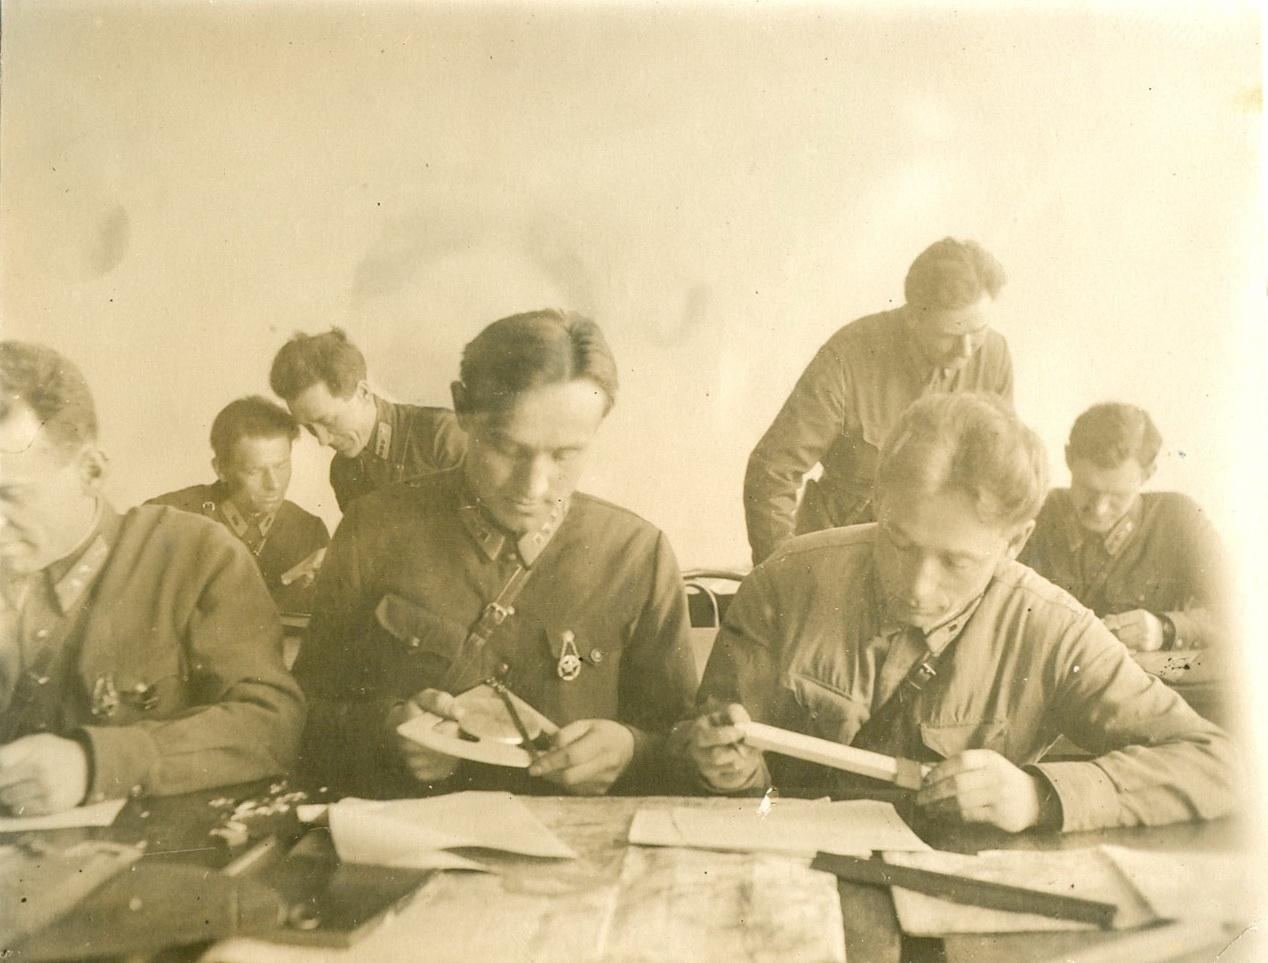 военный архив фото акишин а в конечно